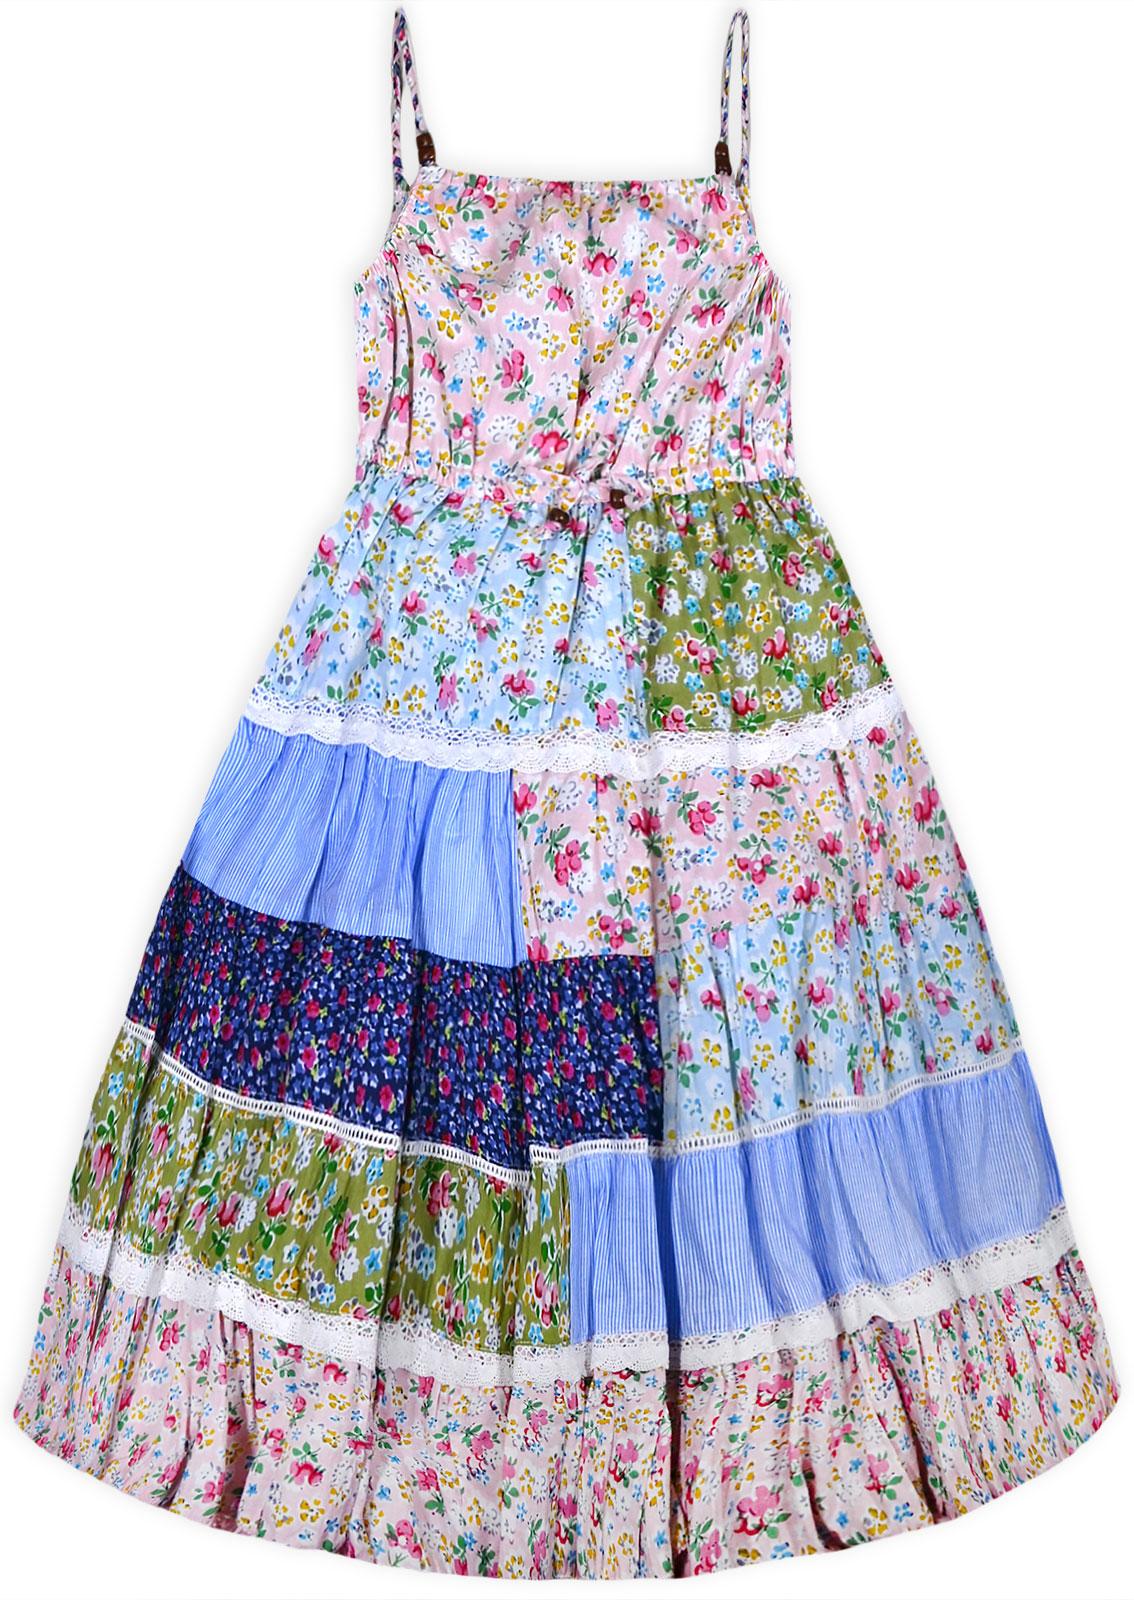 Girls New Patchwork Floral Sun Dress Kids Cotton Summer